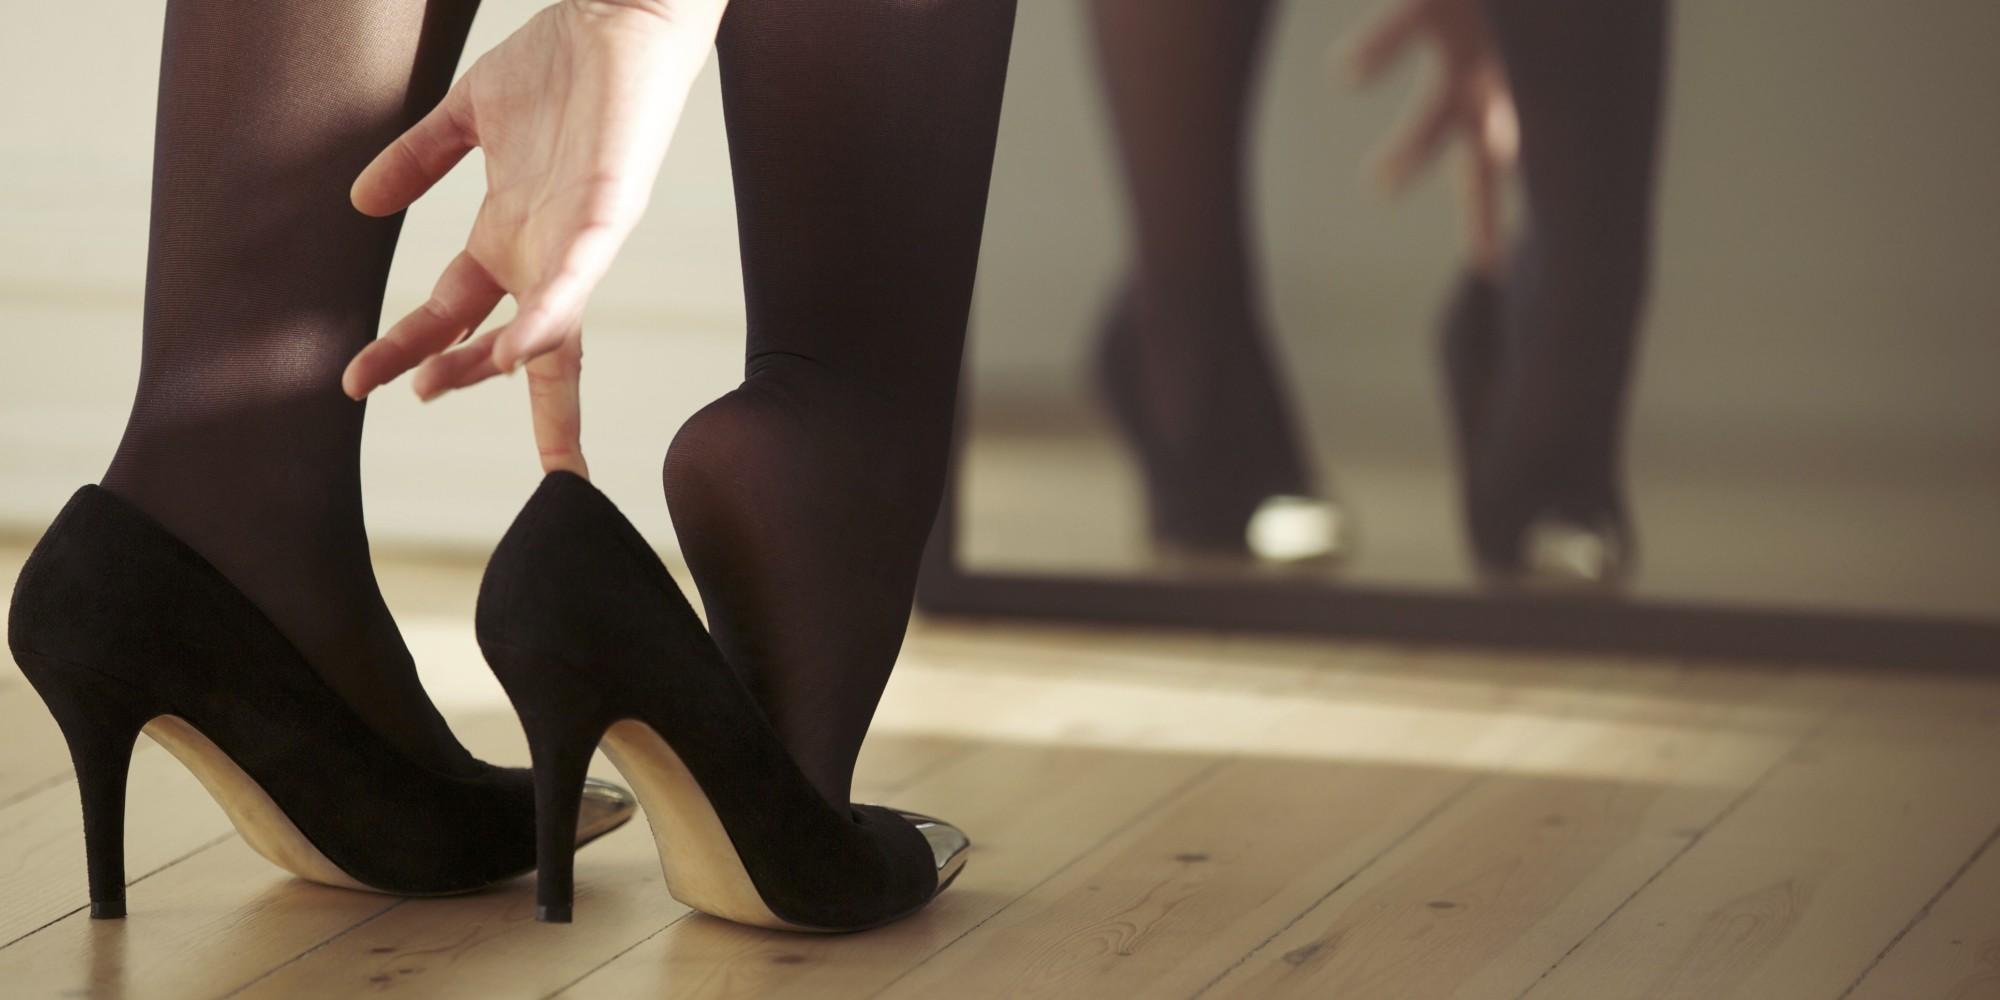 Смотреть фото высокие каблуки крупным планом 5 фотография